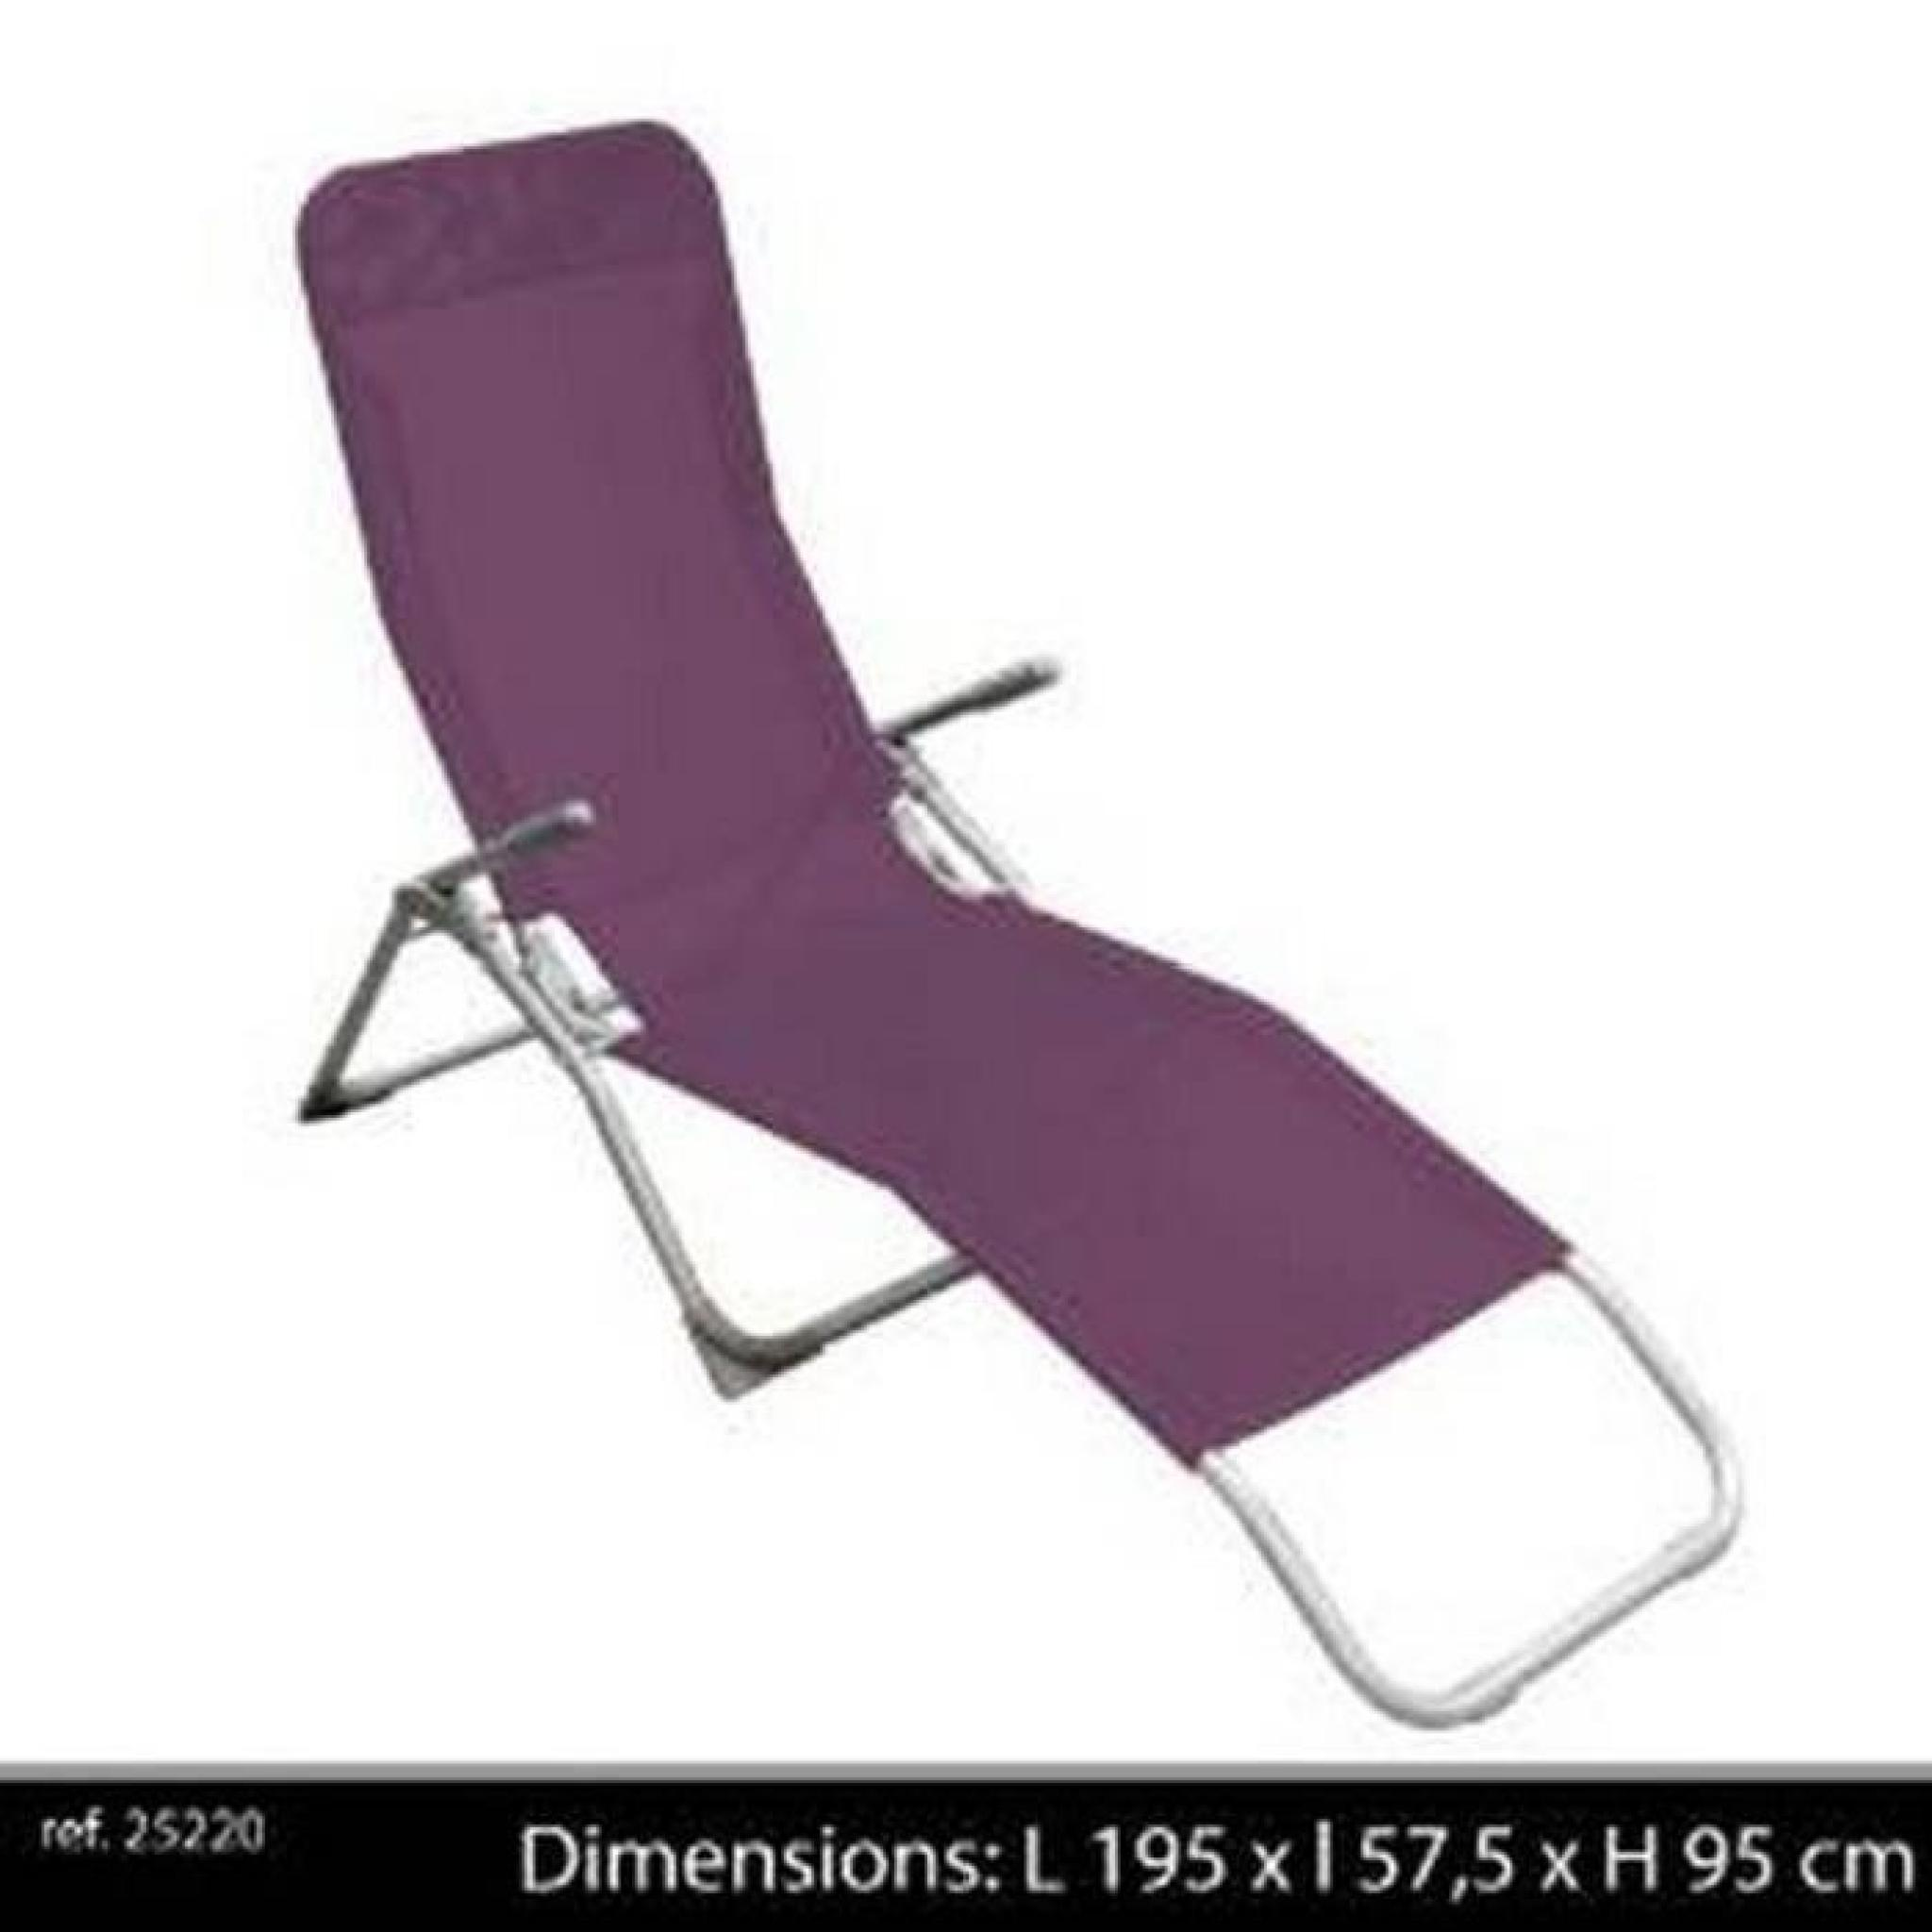 chaise longue pliante avec poignee transat de jardin bain de soleil pliable - Bains De Soleil Pas Cher